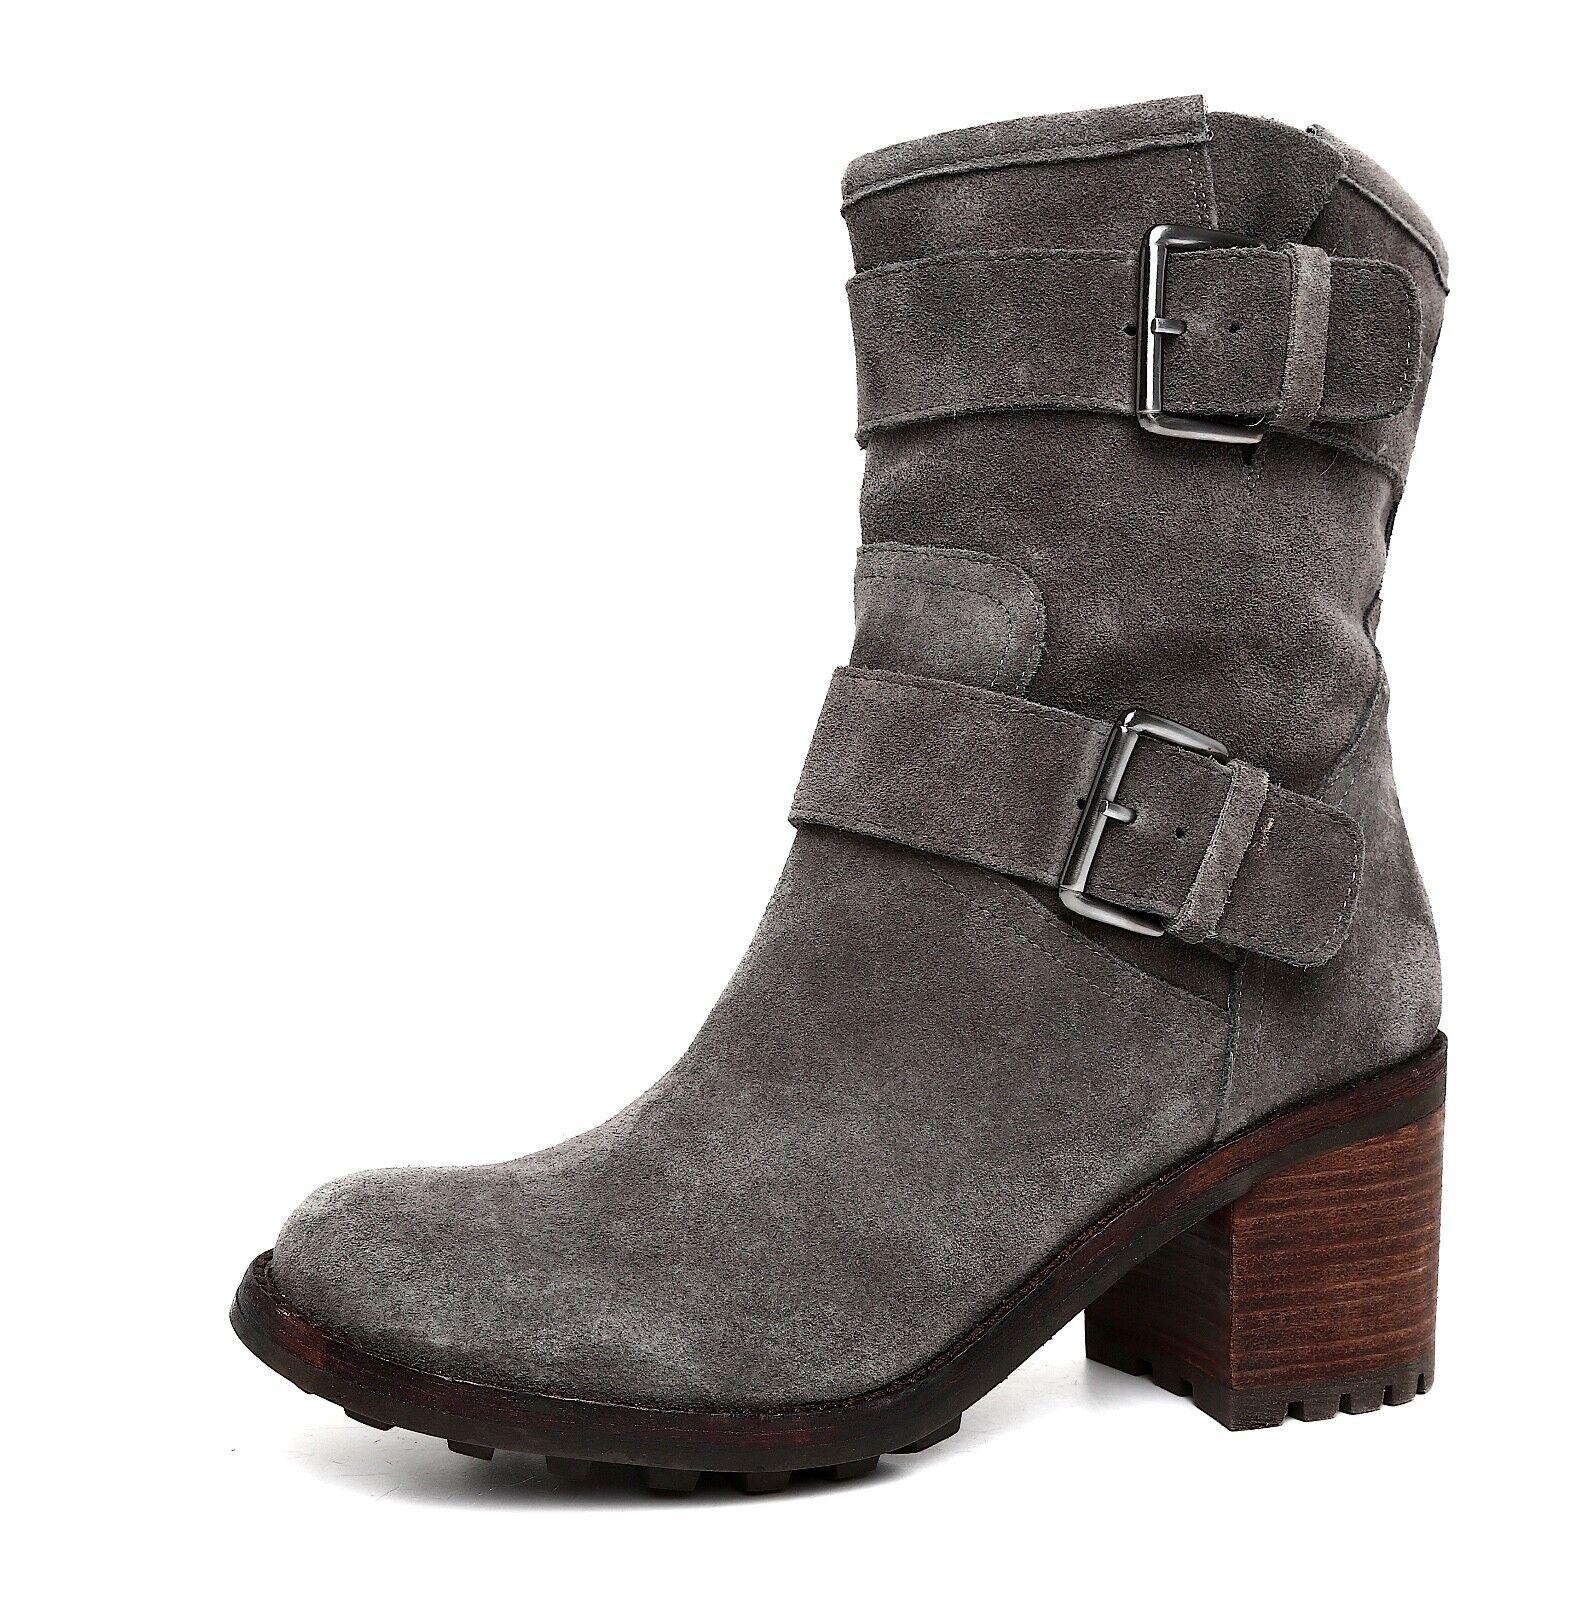 Sam Edelman Troy Suede Ankle Boots Grey Women Women Women Sz 8.5 M 5744  500794